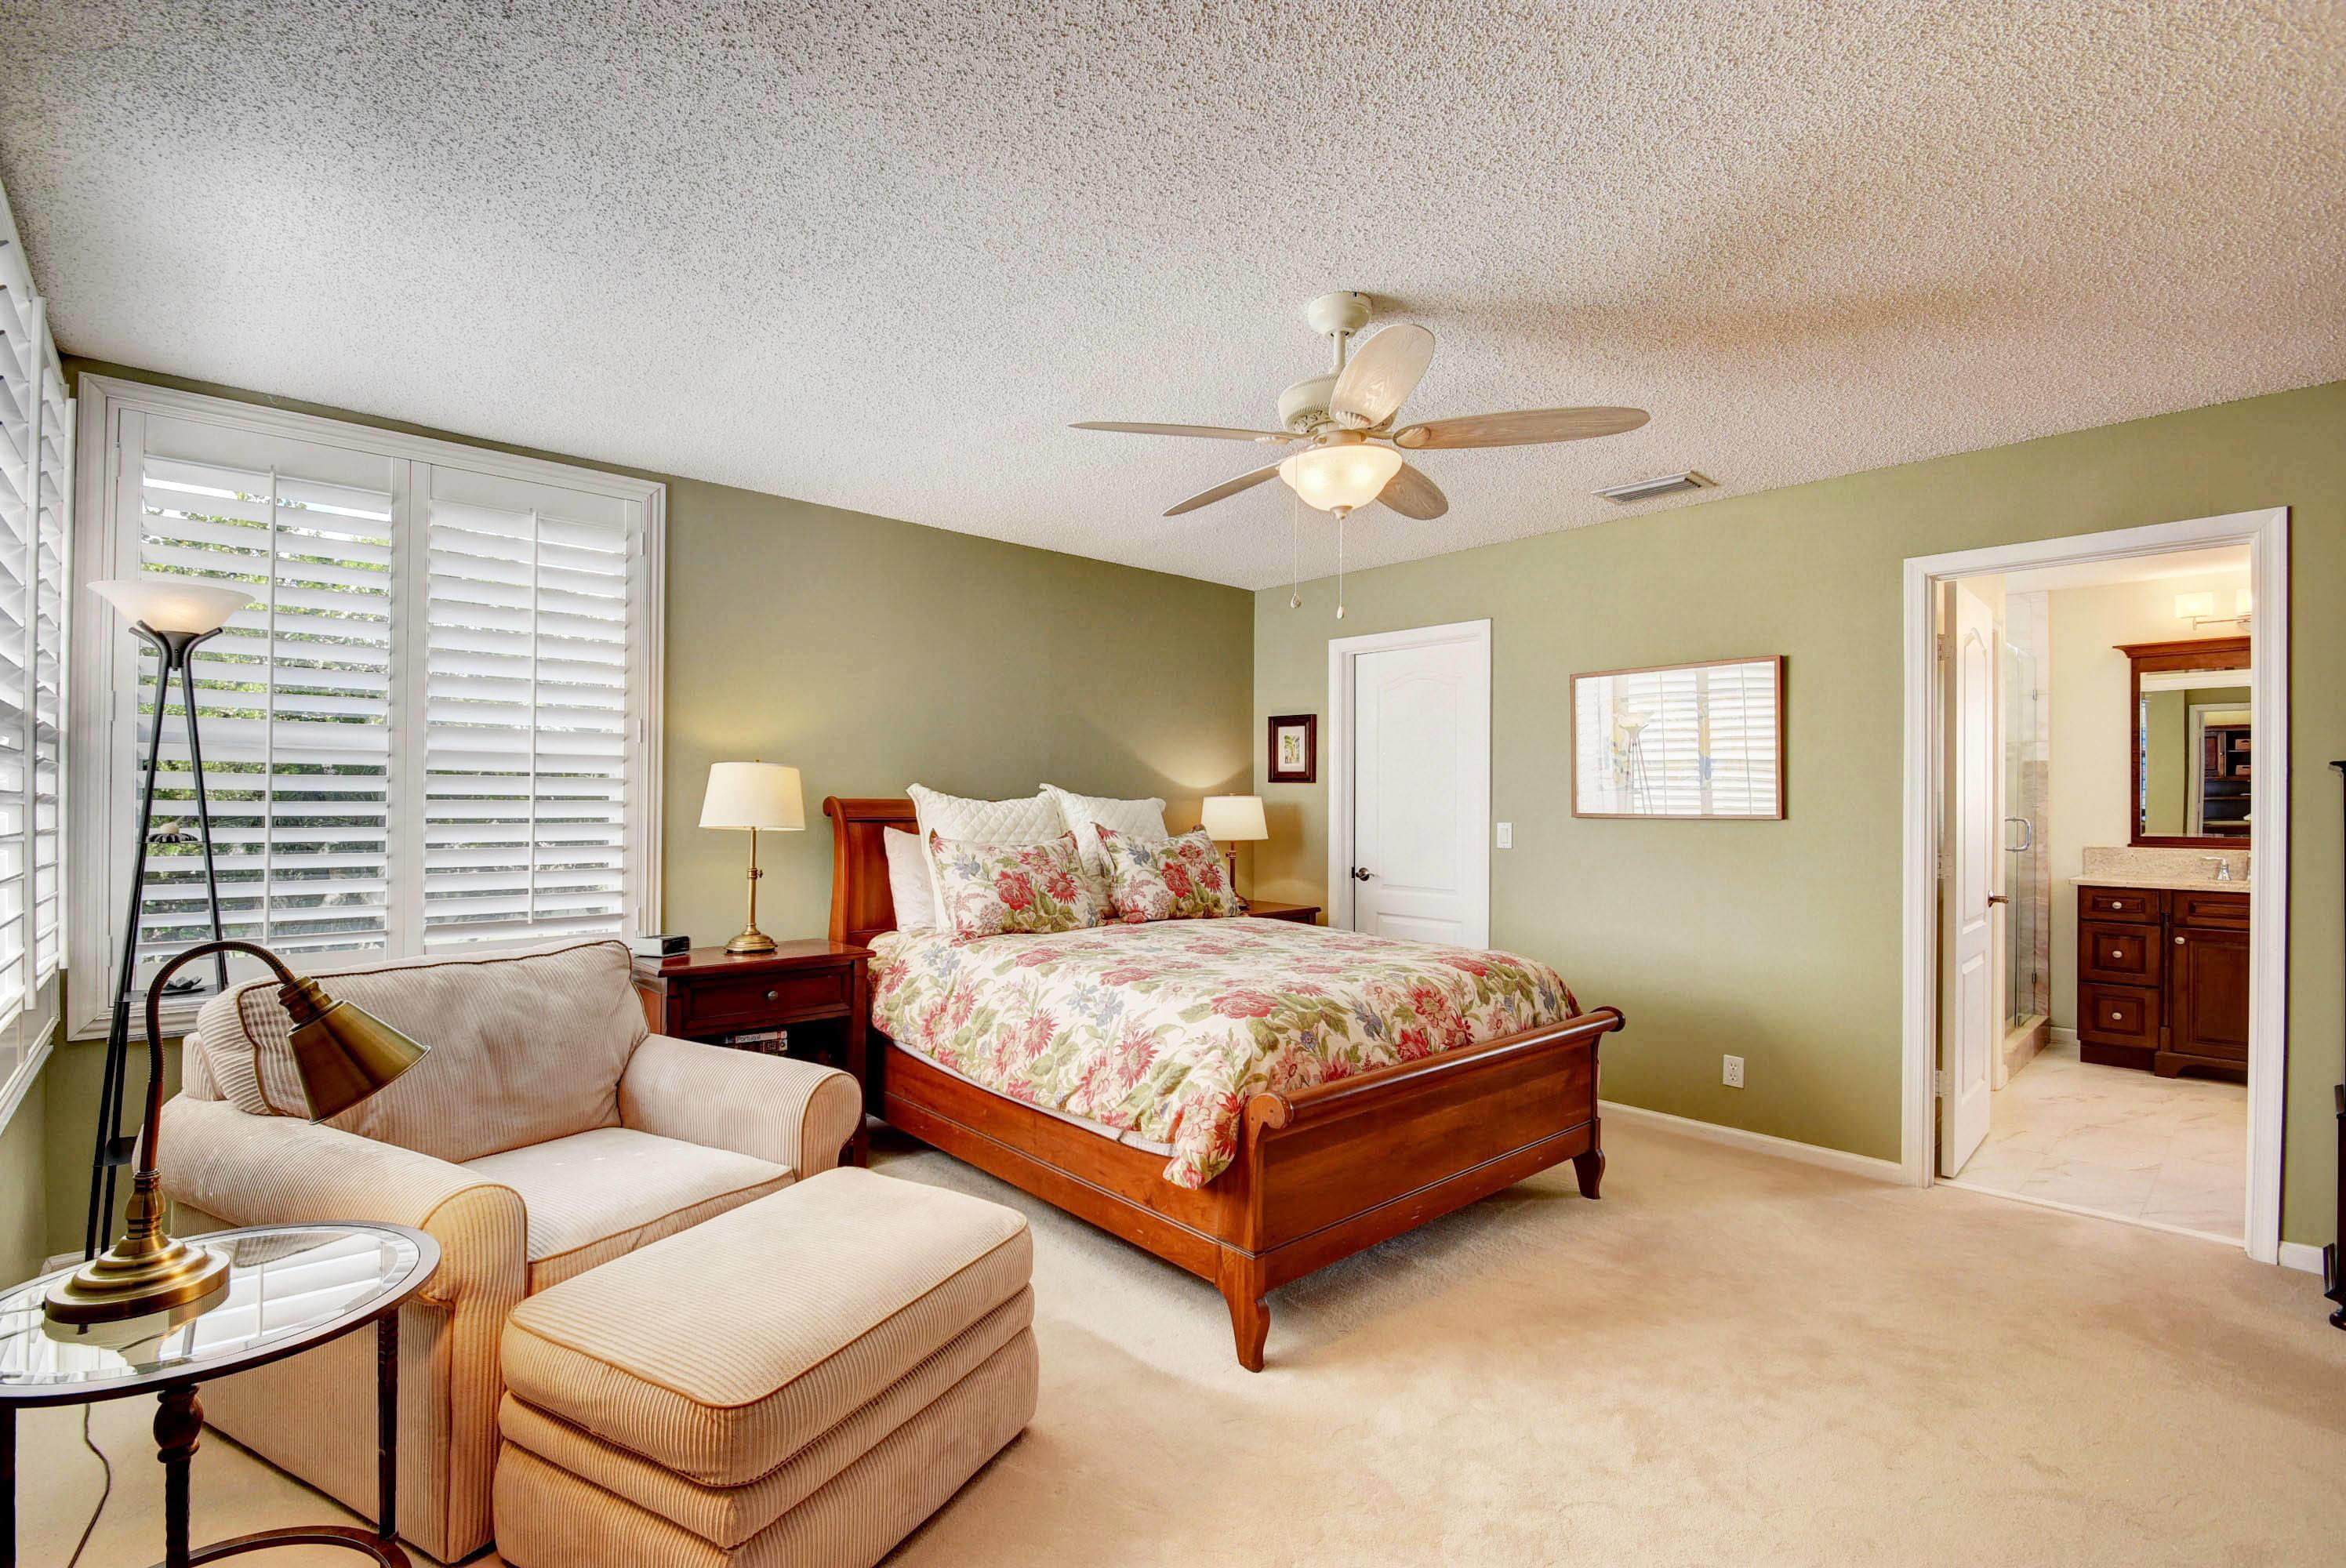 270 Kensington Way Royal Palm Beach, FL 33414 photo 20